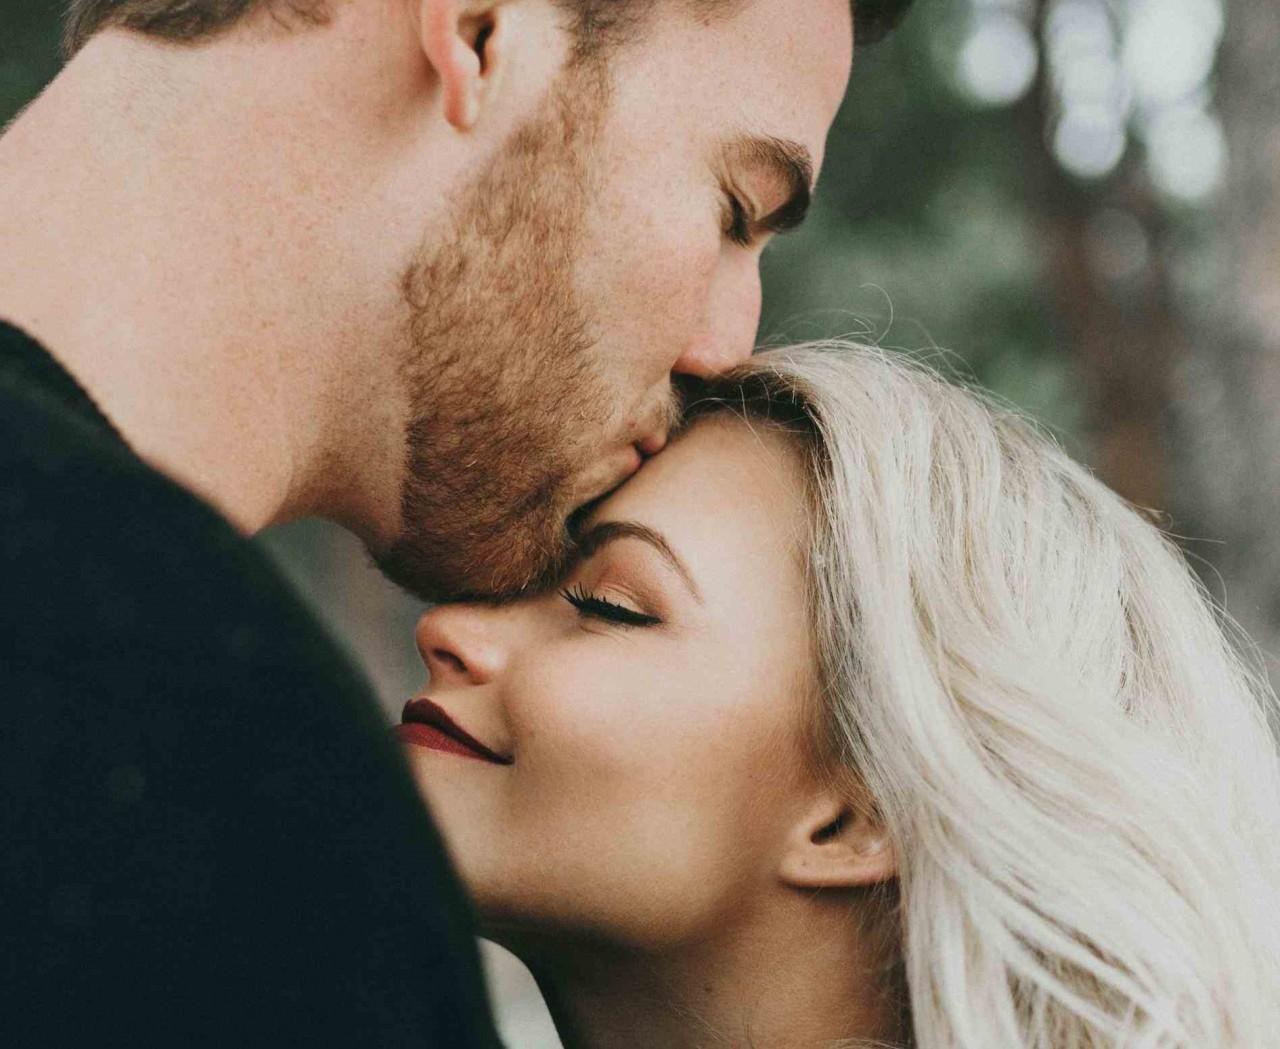 Как распознать потенциал мужчины в начале отношений? 8 главных признаков